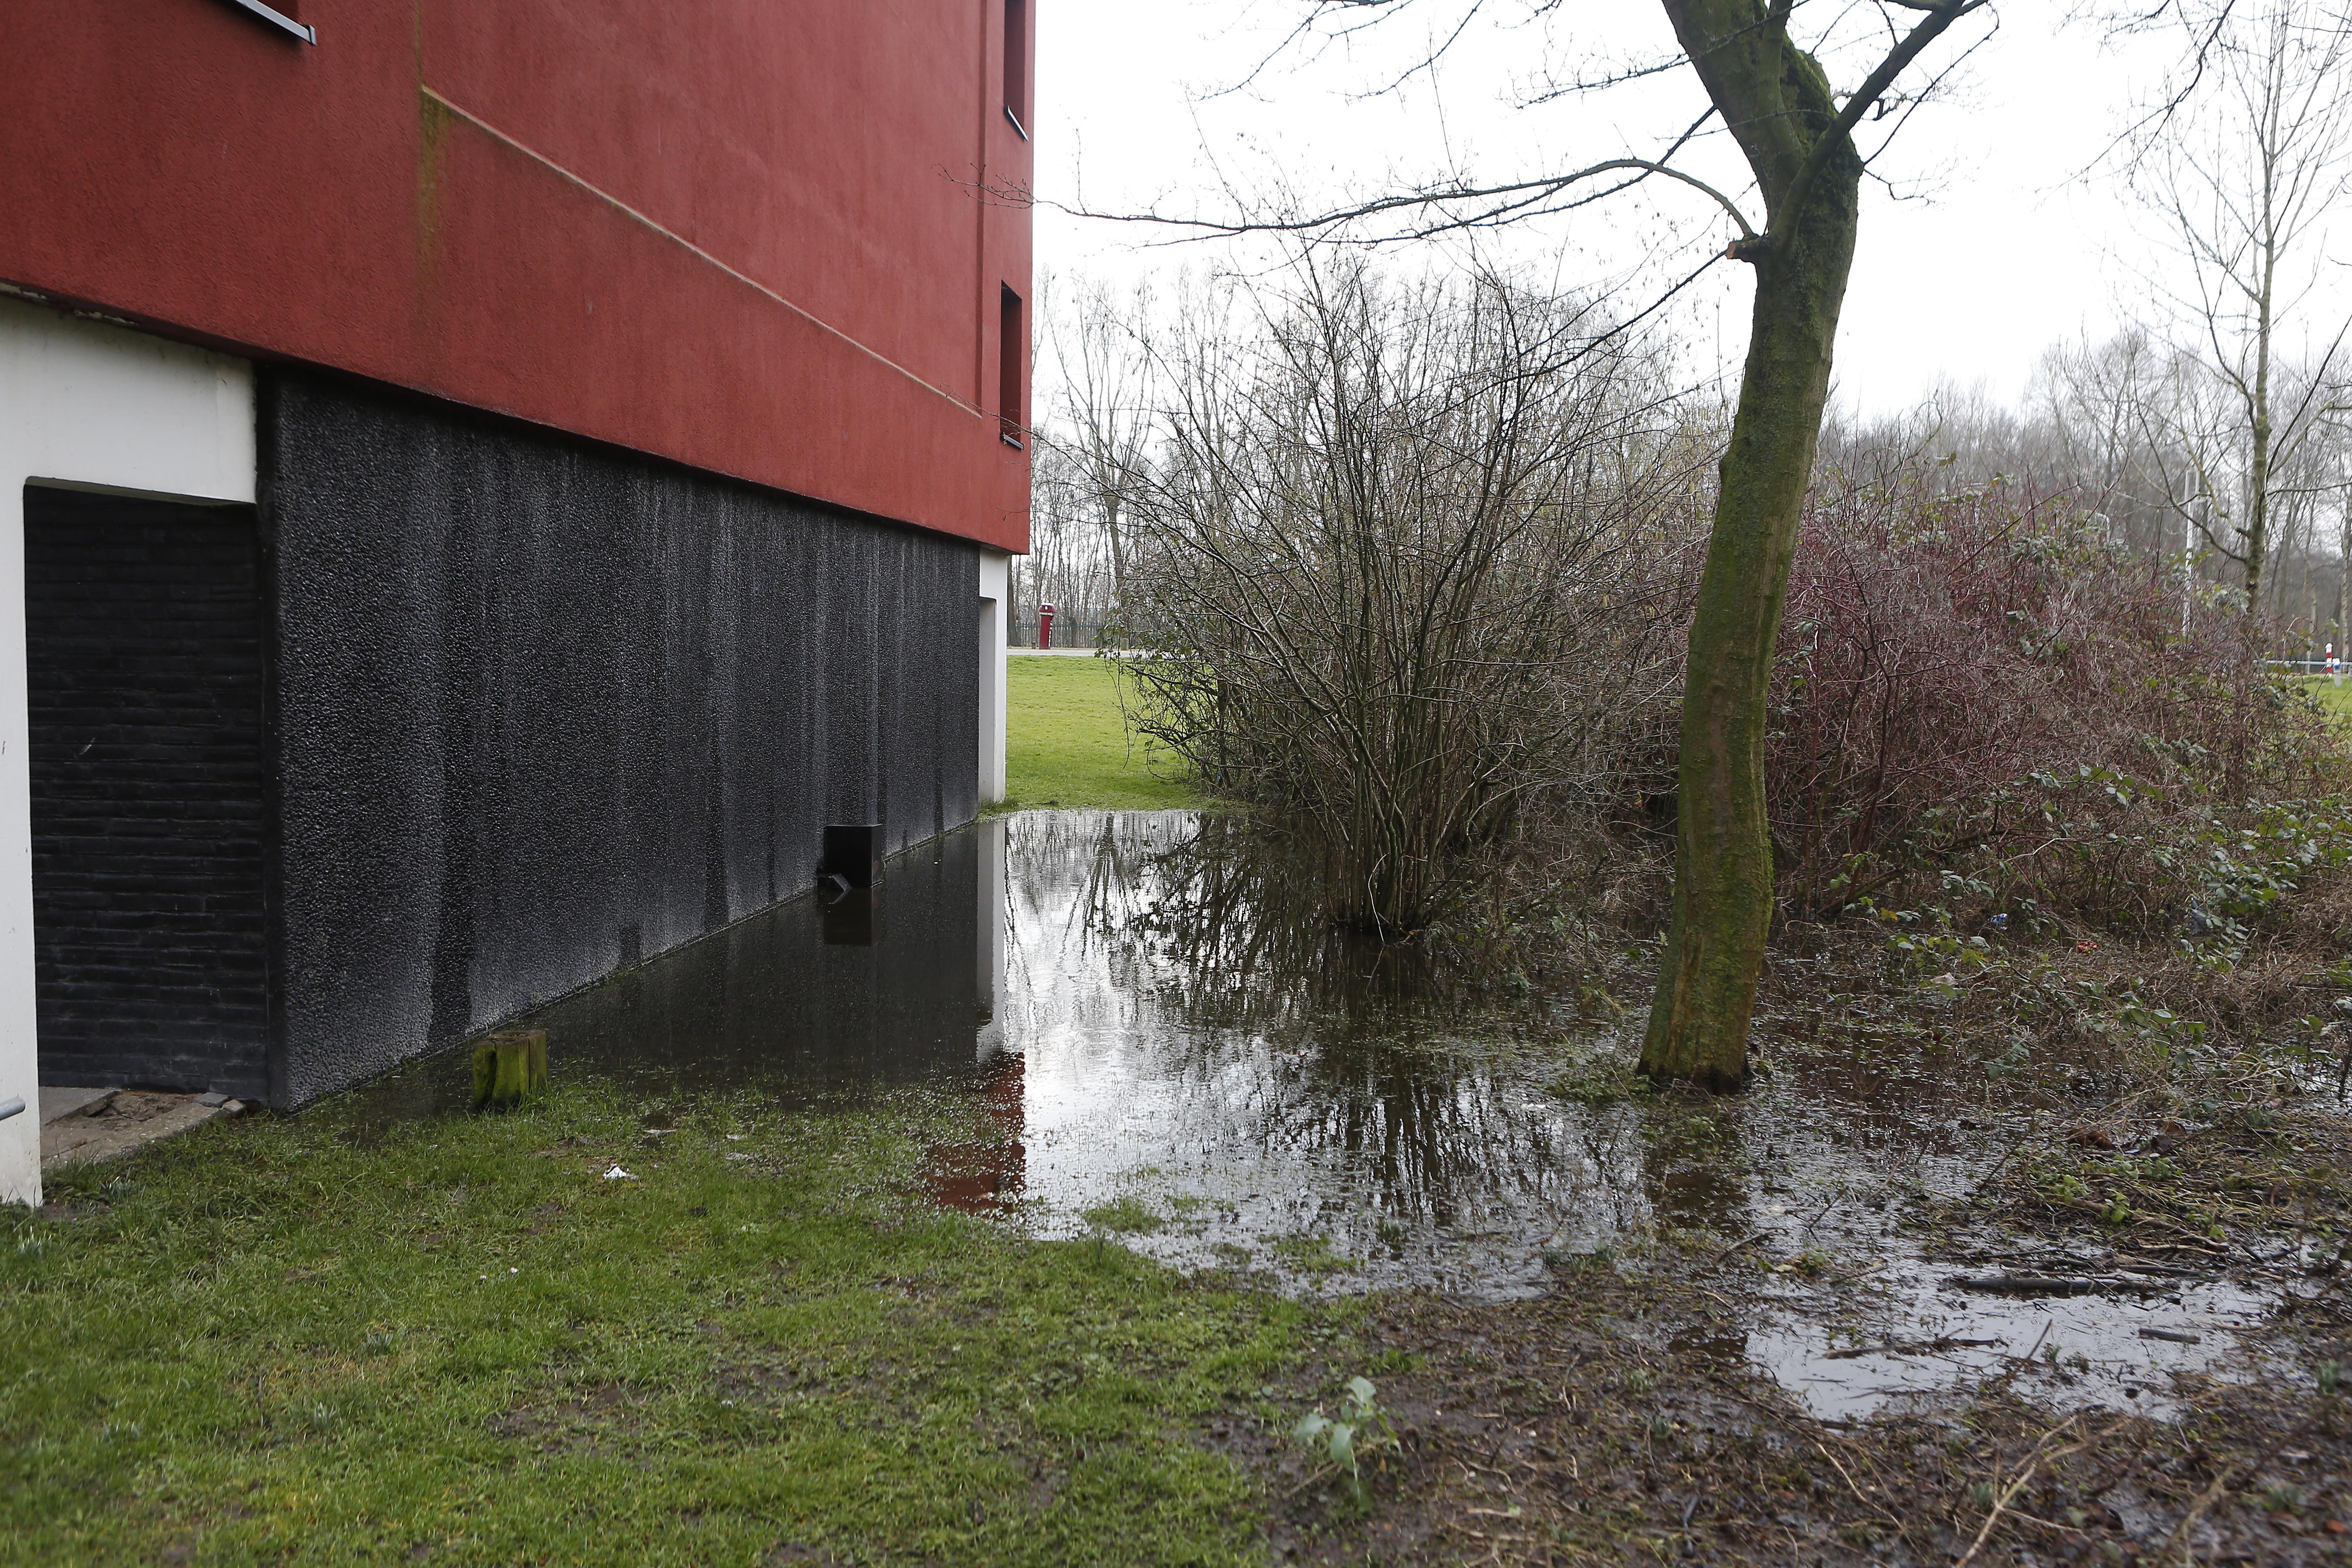 Bewoners Keulsevaartstraat in Weesp zijn na vier jaar de wateroverlast bij flats in de wijk meer dan zat; Ymere verwijst naar gemeente: 'Het water stroomt van de dijk'